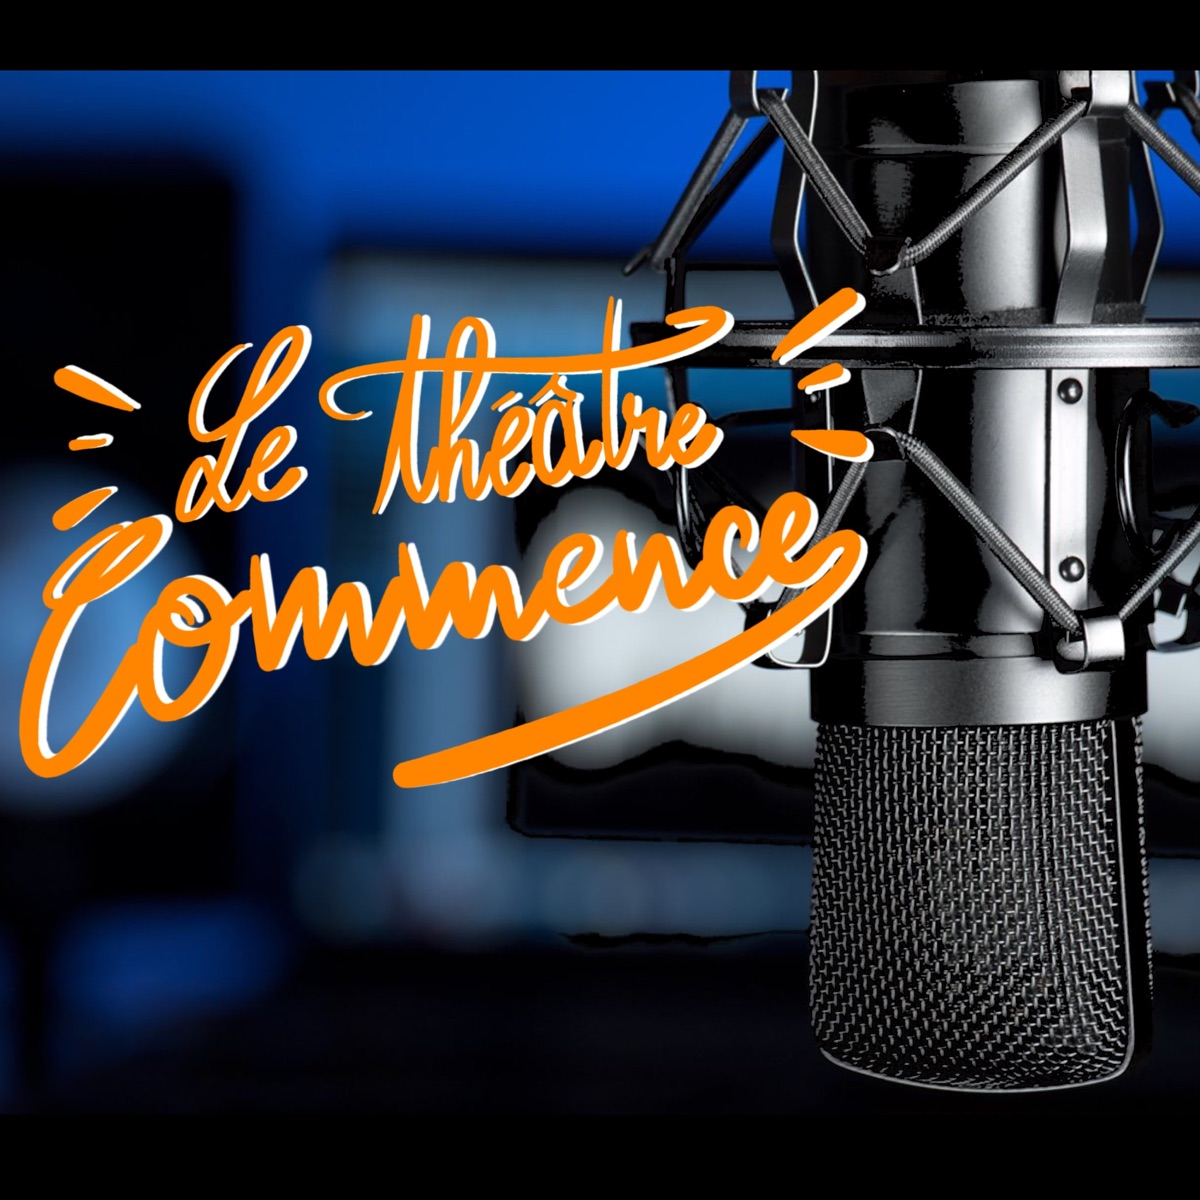 Letheatrecommence - podcast français